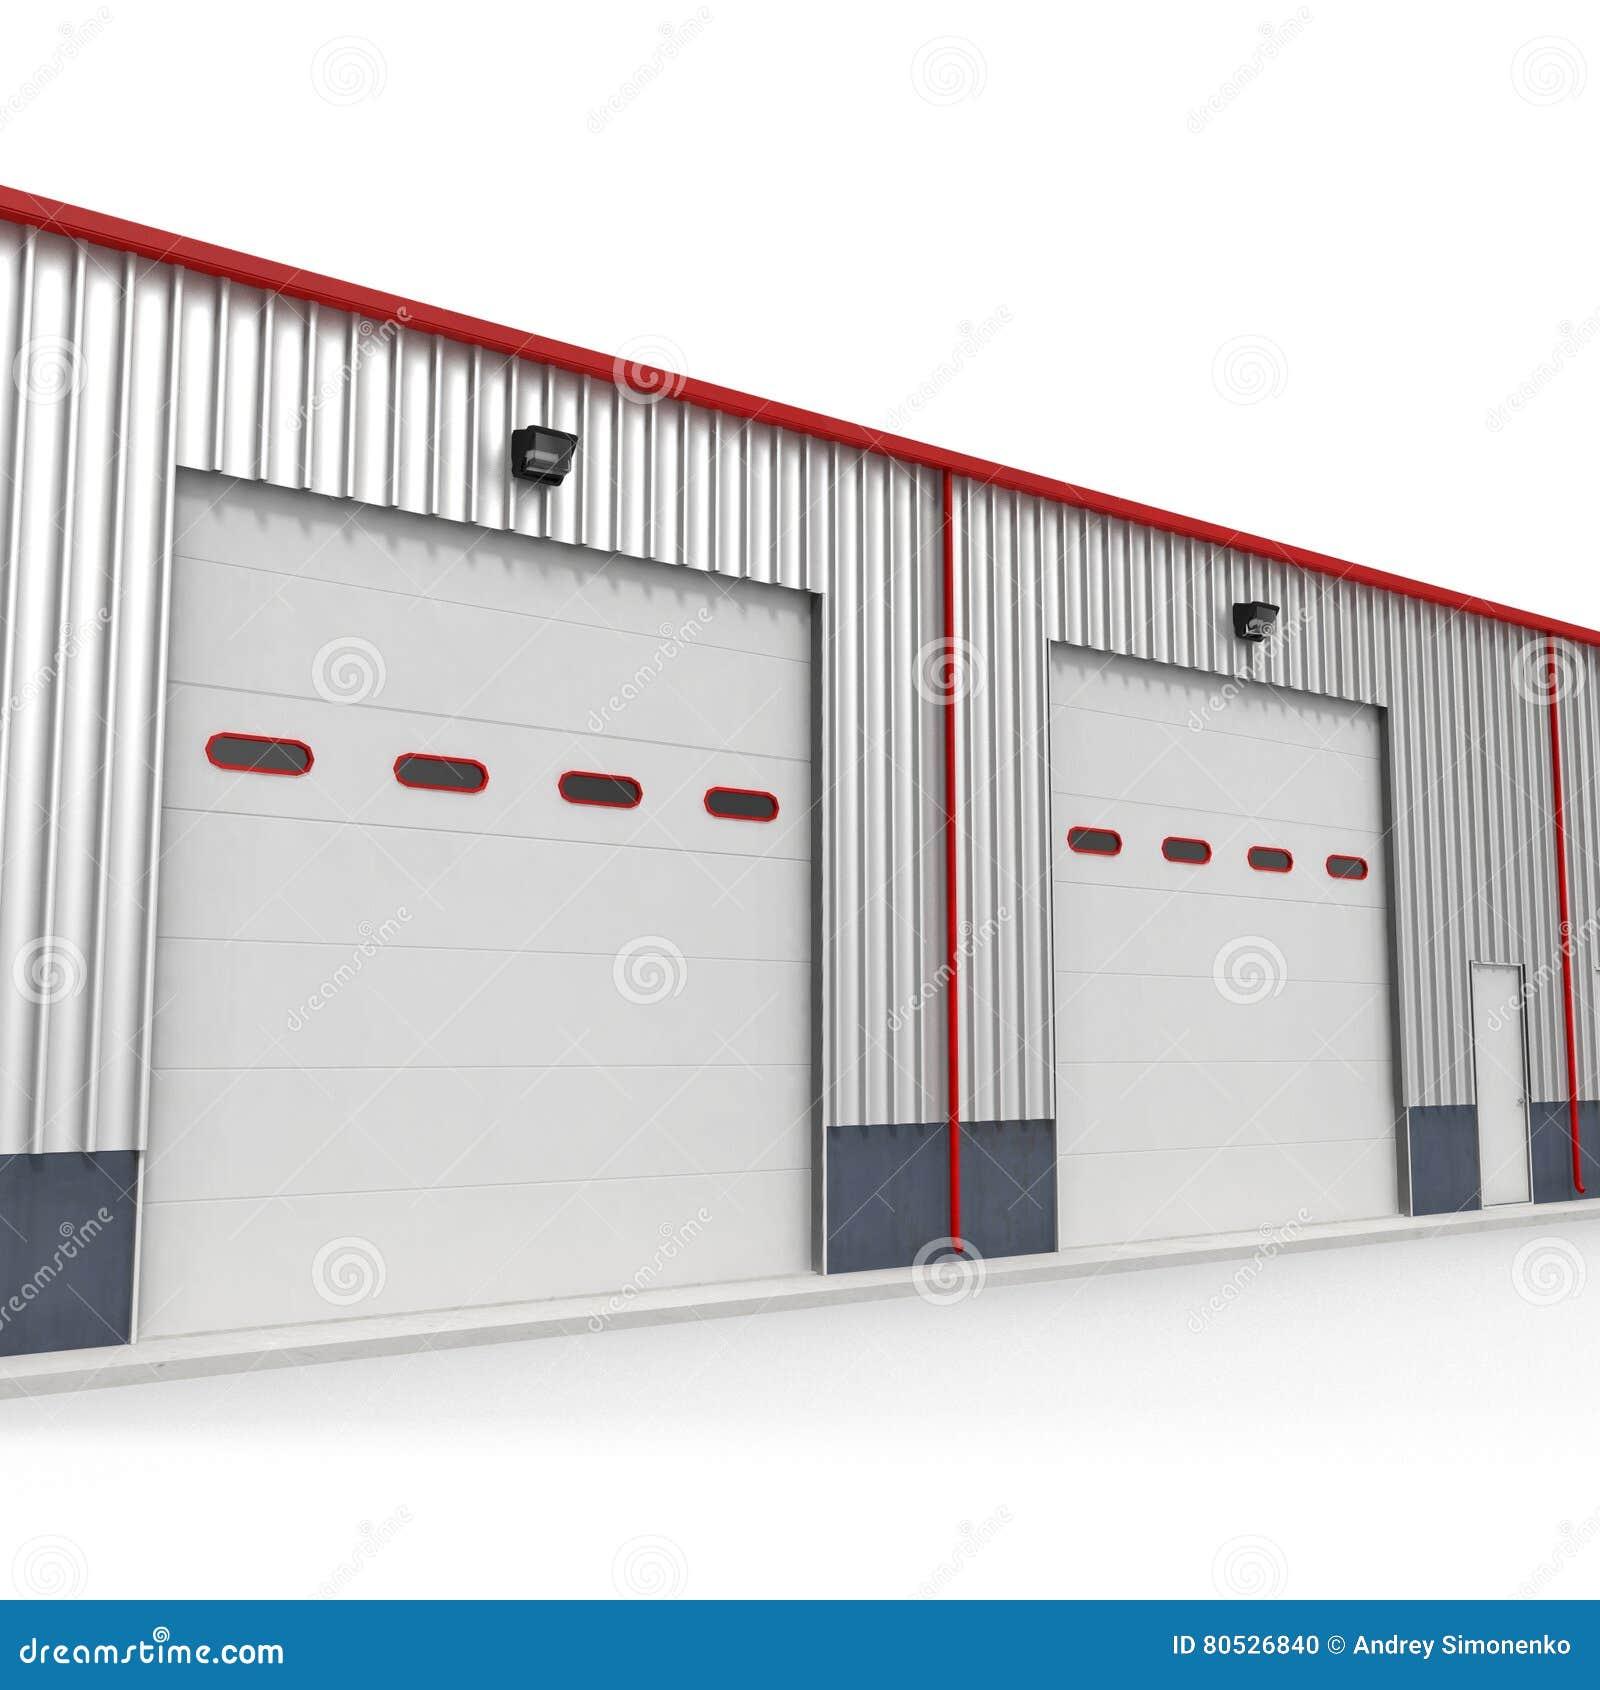 Prefab steel building garage door on white 3d illustration stock prefab steel building garage door on white 3d illustration rubansaba